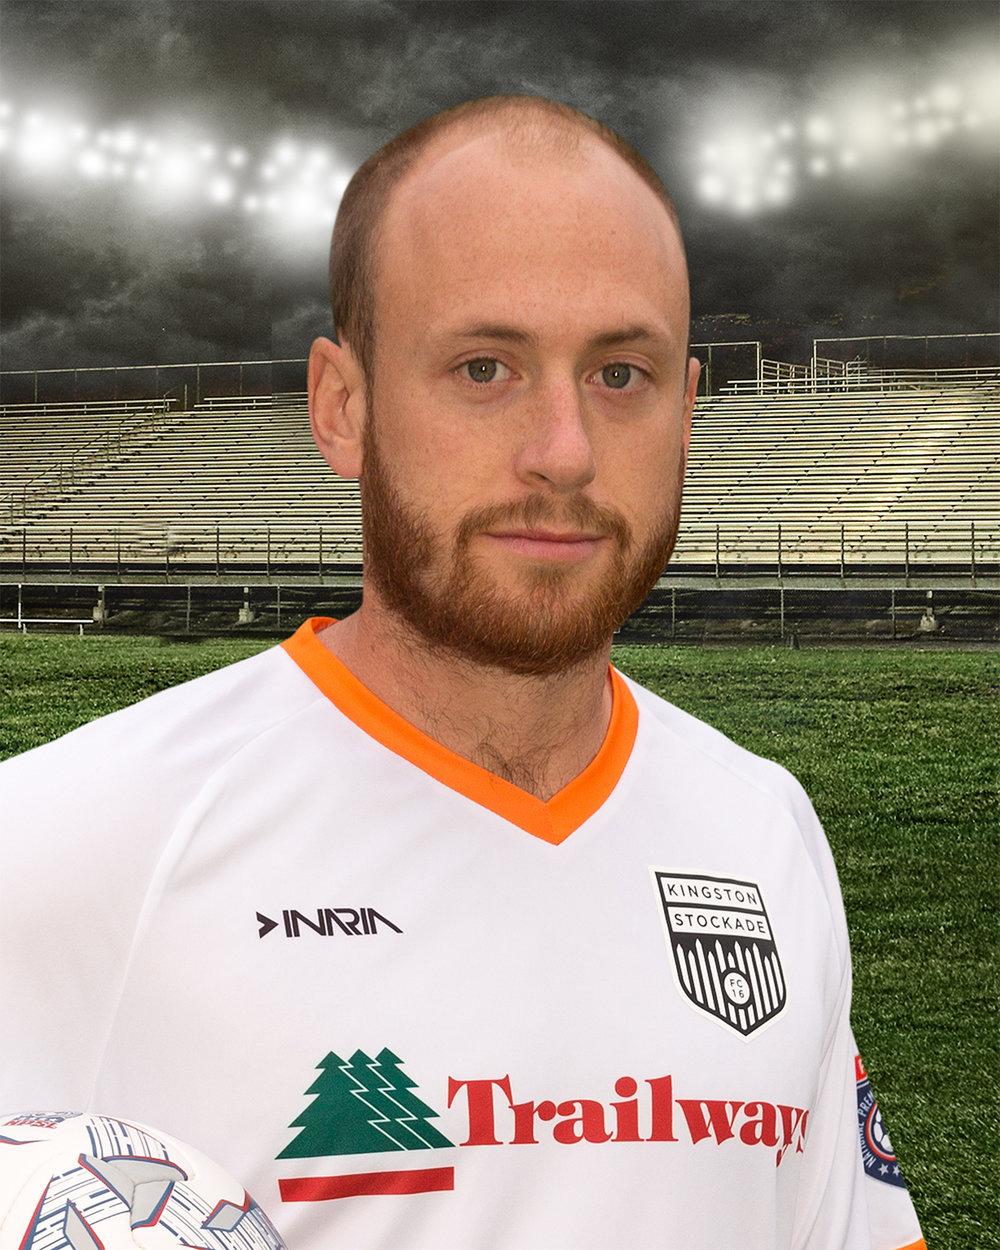 #4 Ross Macklin (M)<br>(Vassar)<br>Henniker, NH